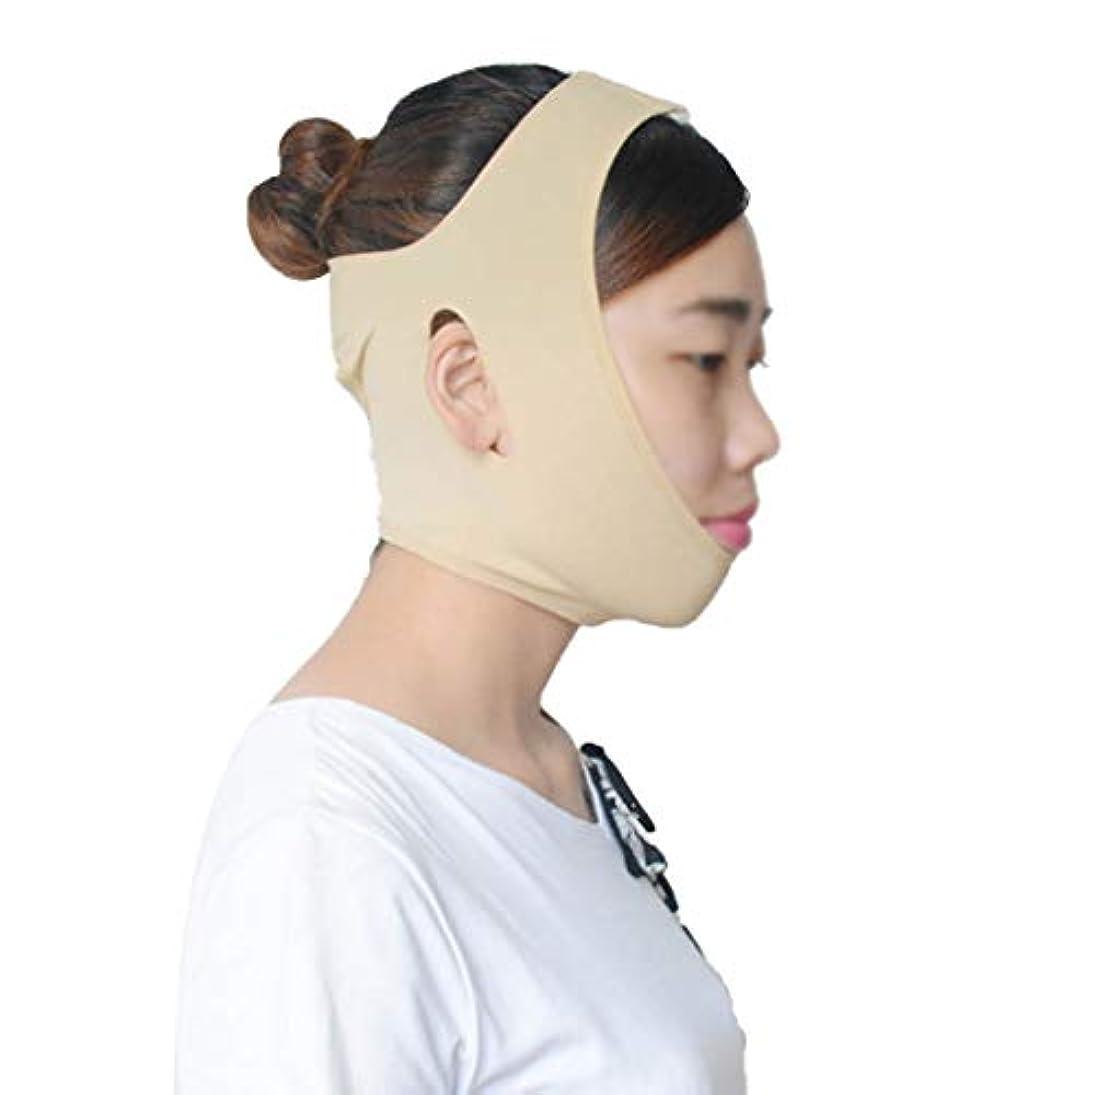 GLJJQMY ファーミングマスクシンフェイスマスク強力なフェイスリフティングツールフェイスリフティング美容フェイスリフティングマスクファーミングリフティングフェイスリフティングフェイスリフティングフェイスリフティング包帯...